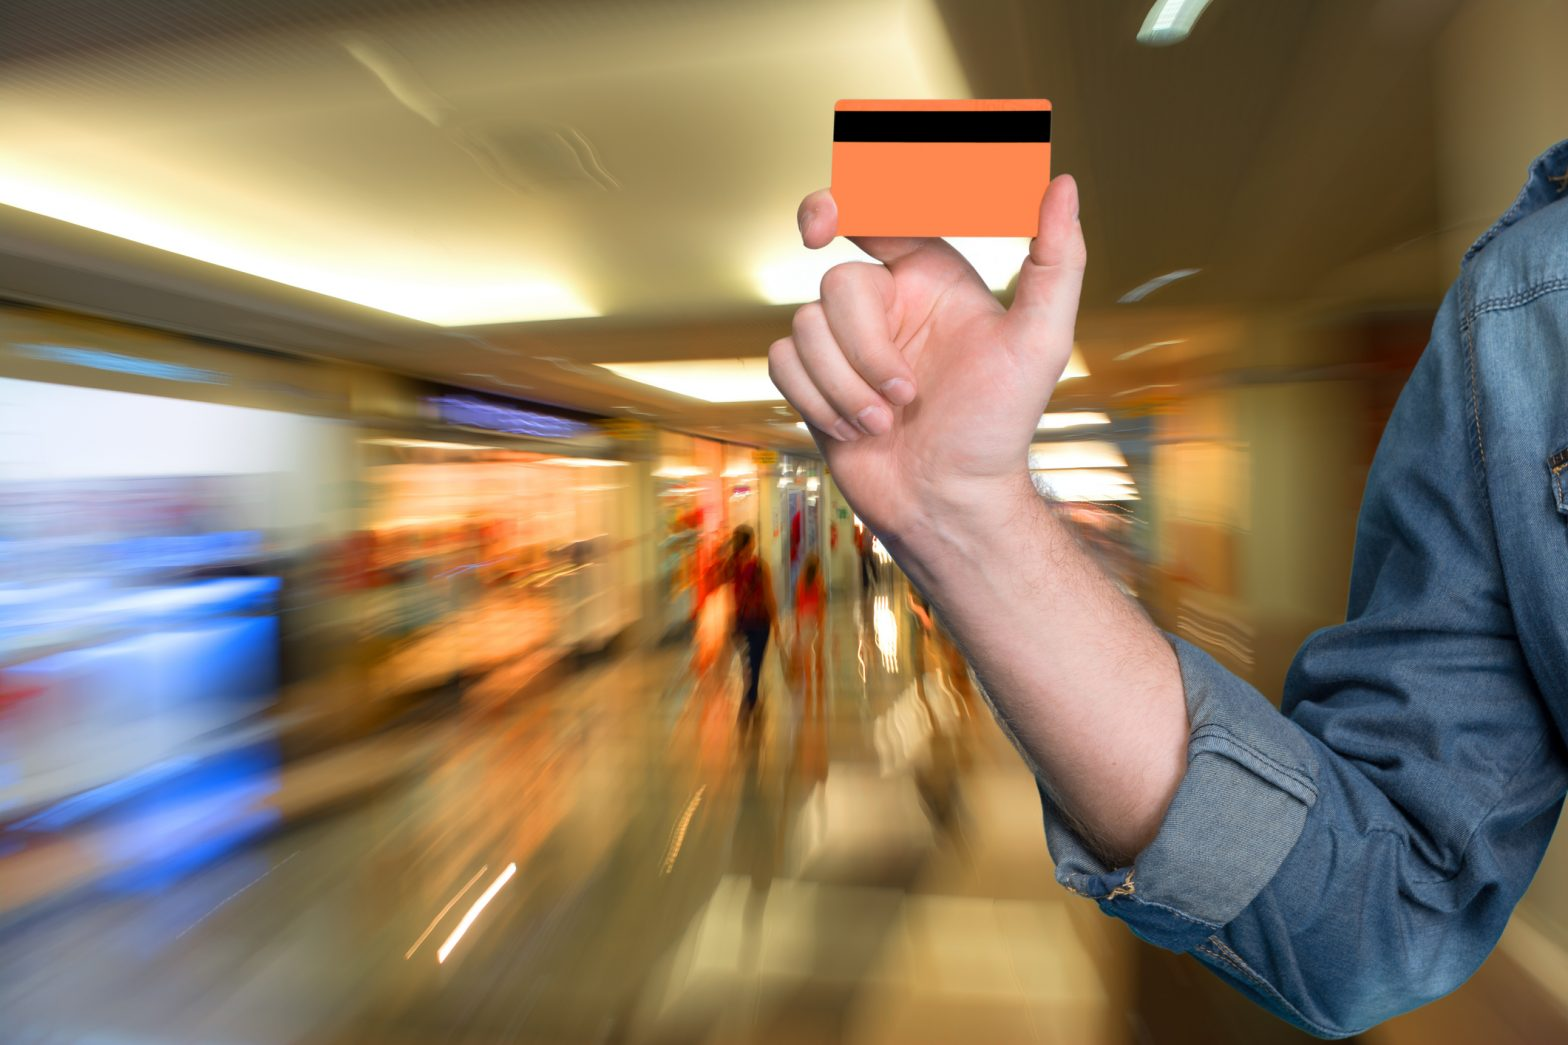 Reise- og avbestillingsforsikring med kredittkort